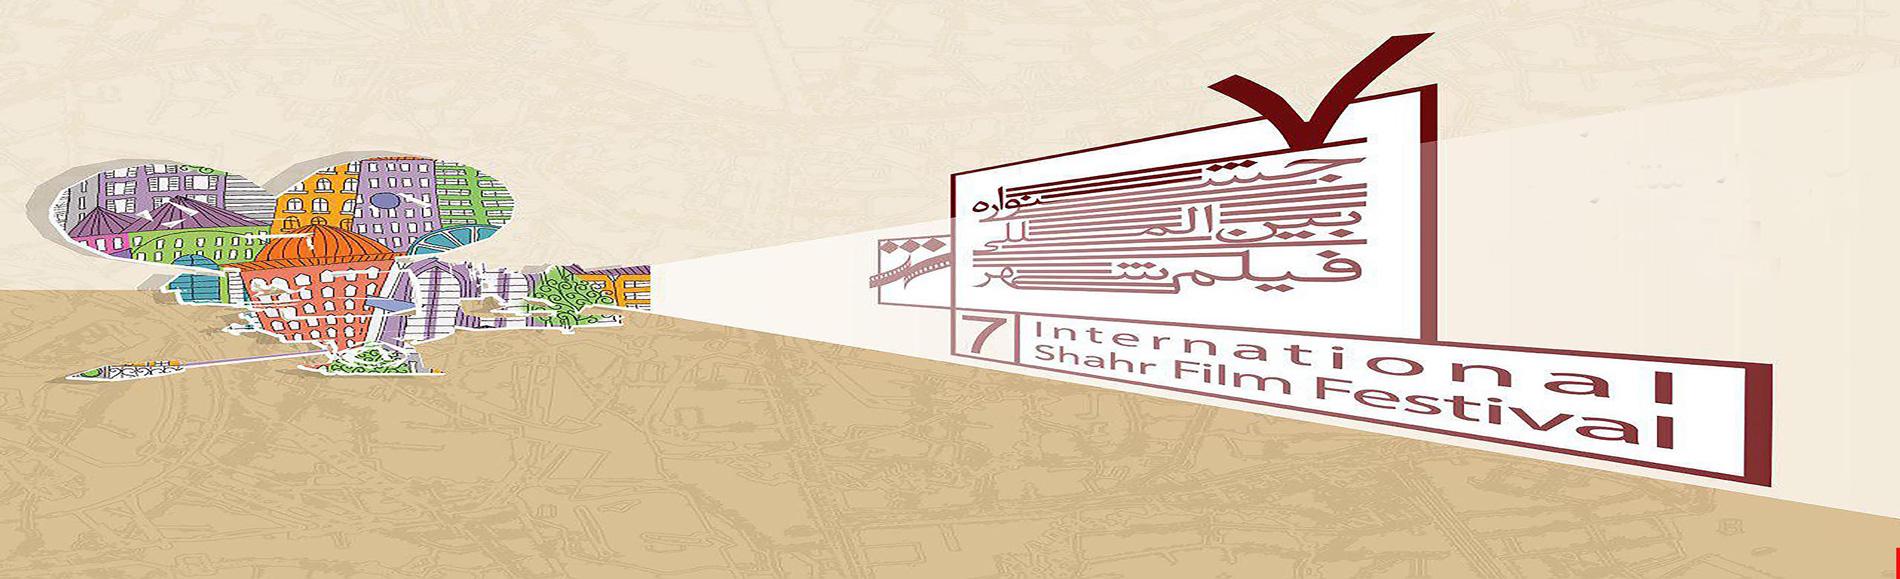 فراخوان جشنواره بینالمللی فیلم شهر